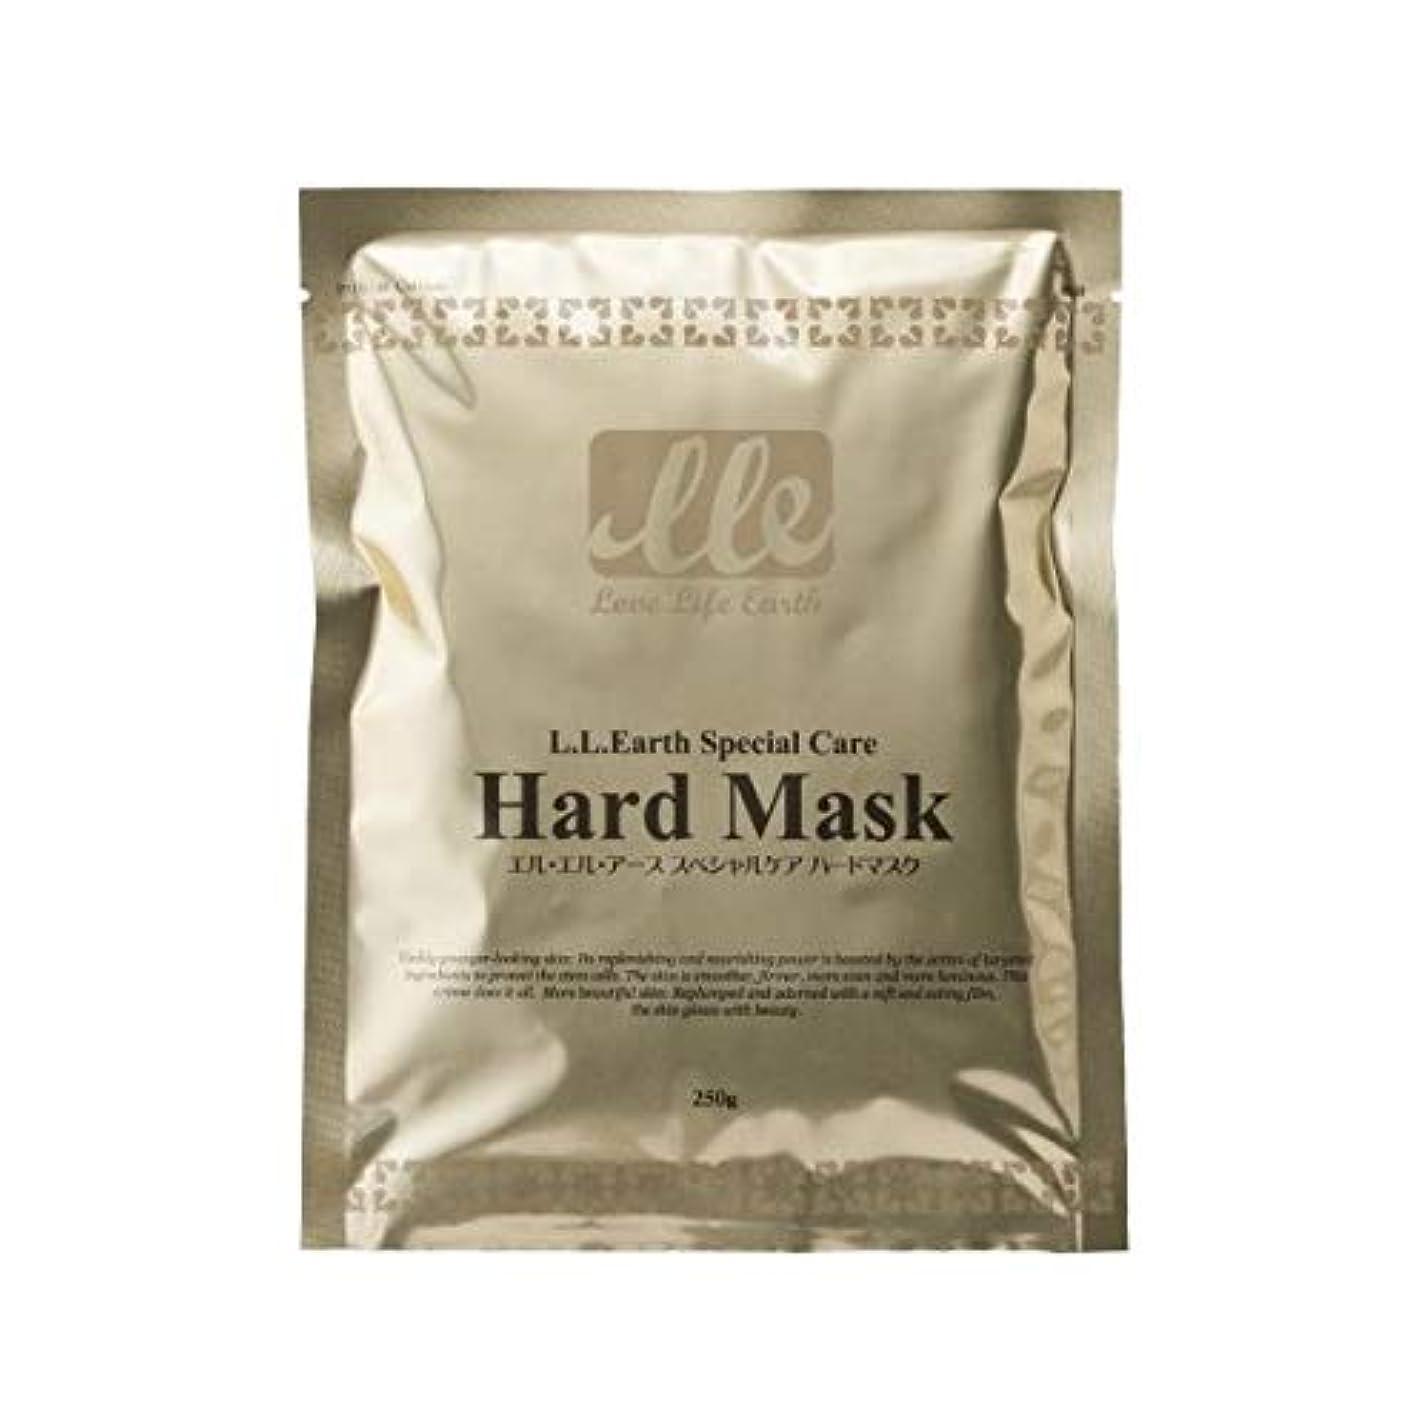 それによって退屈な飲料LLE ハードマスク 業務用 250g×5 石膏パック フェイスパック パック エステ用品